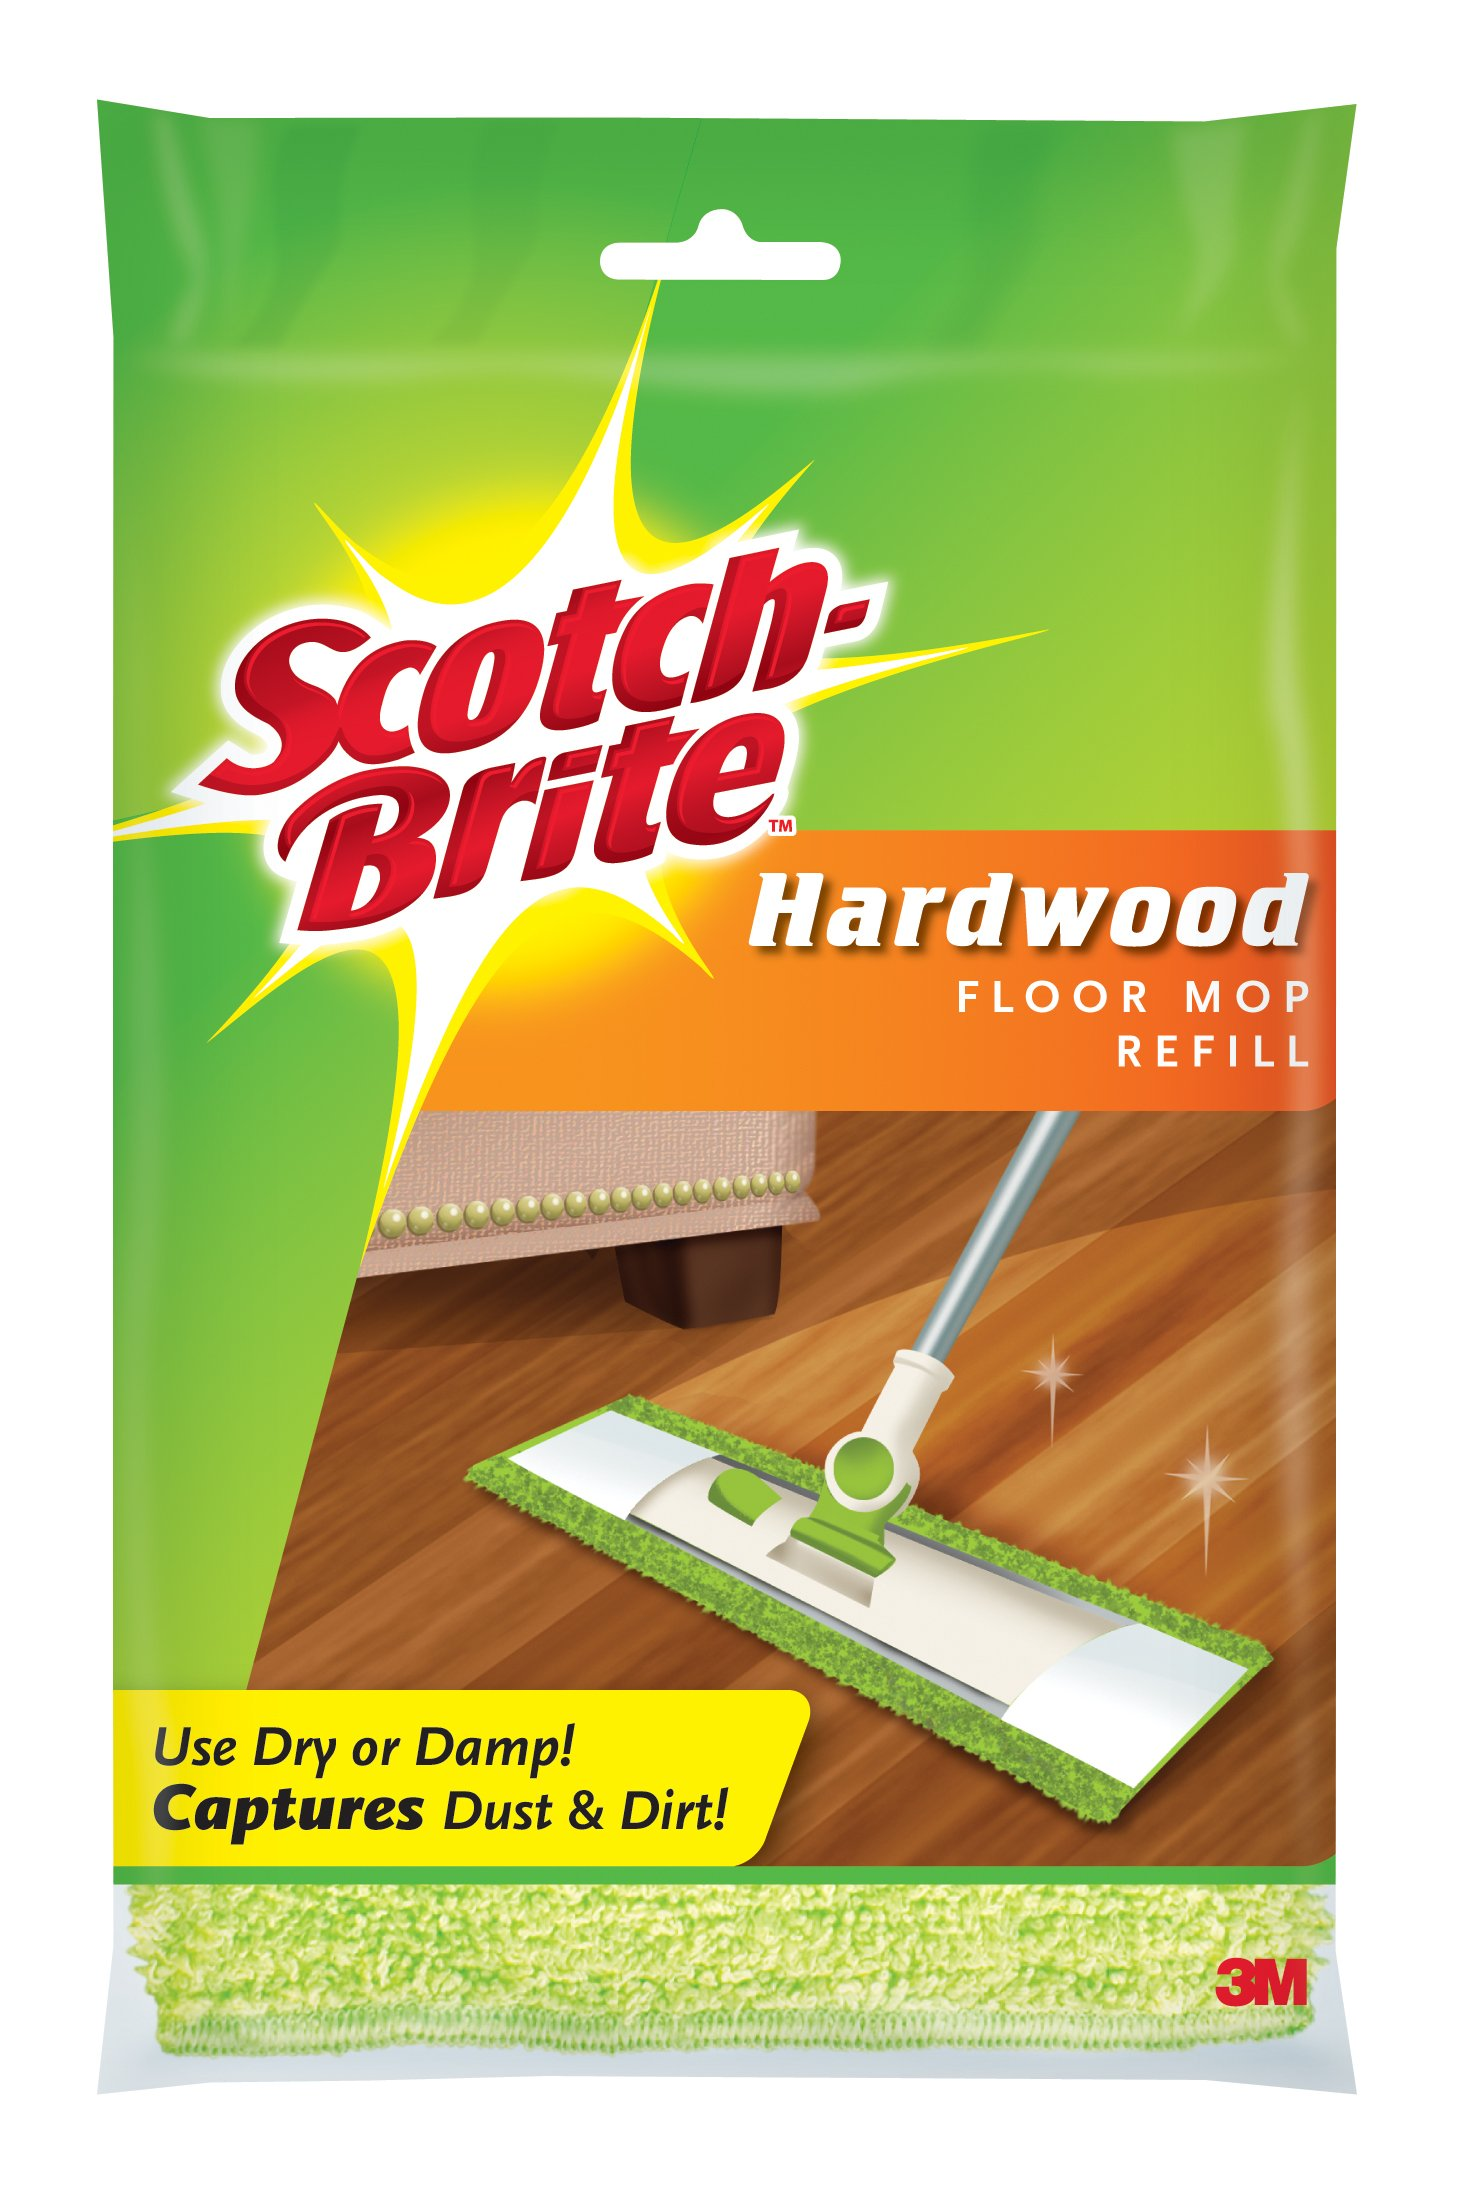 Hardwood floor sexual